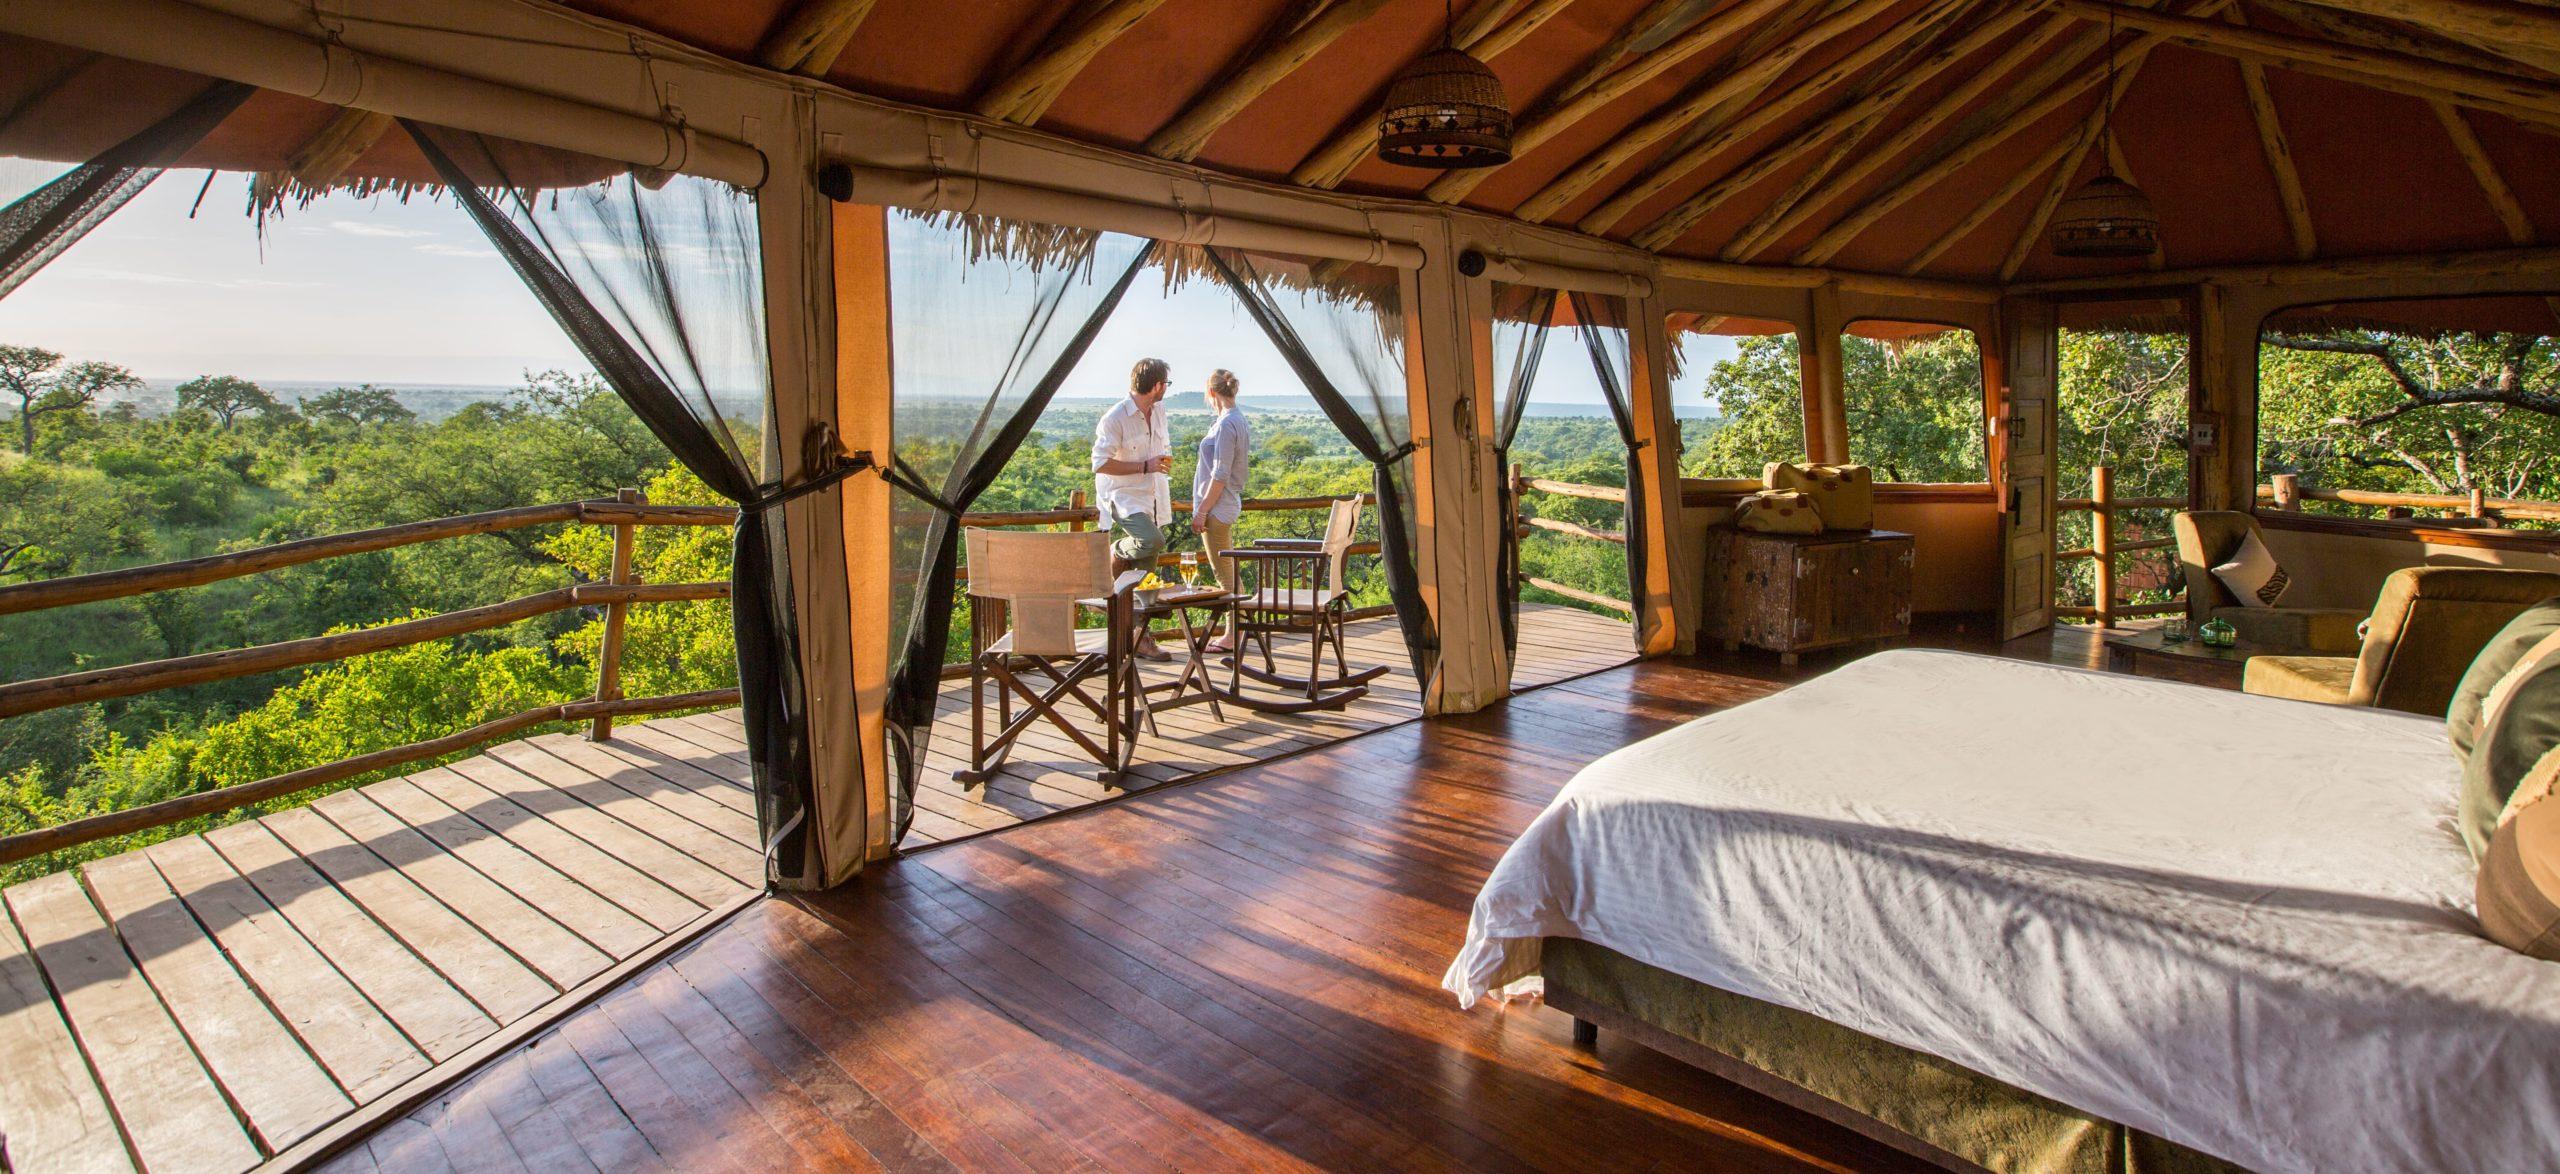 พัก 3 วัน 2 คืน ที่ Tarangire Treetops, ประเทศแทนซาเนีย (~ 120000 บาท)